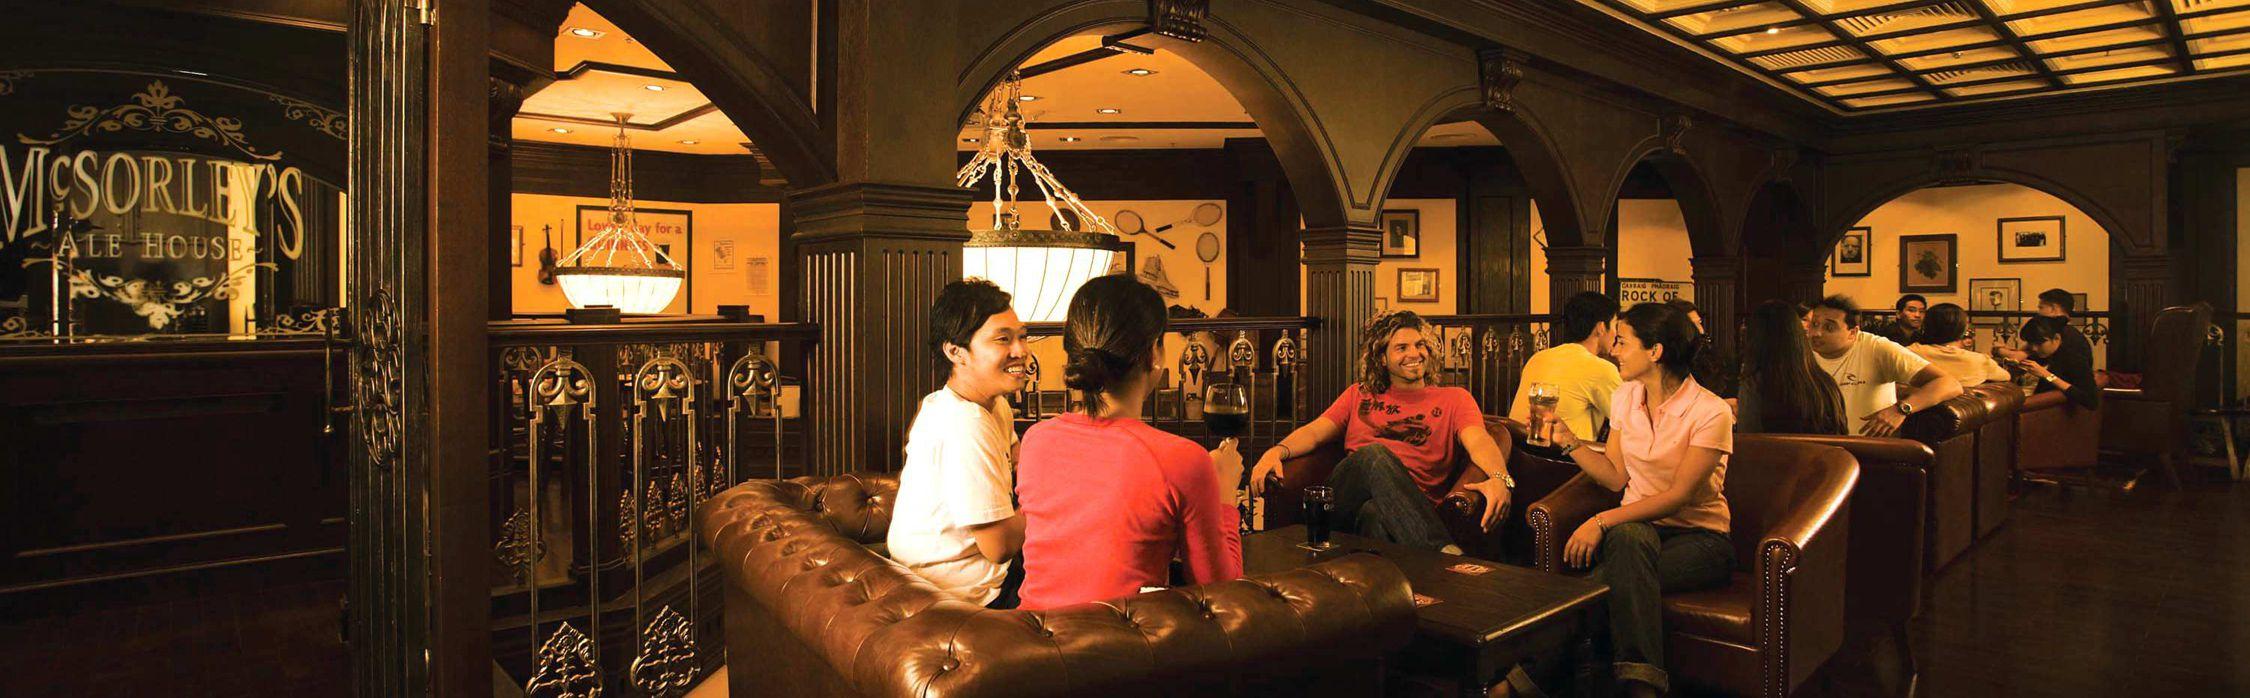 澳门威尼斯人麦时利爱尔兰酒吧